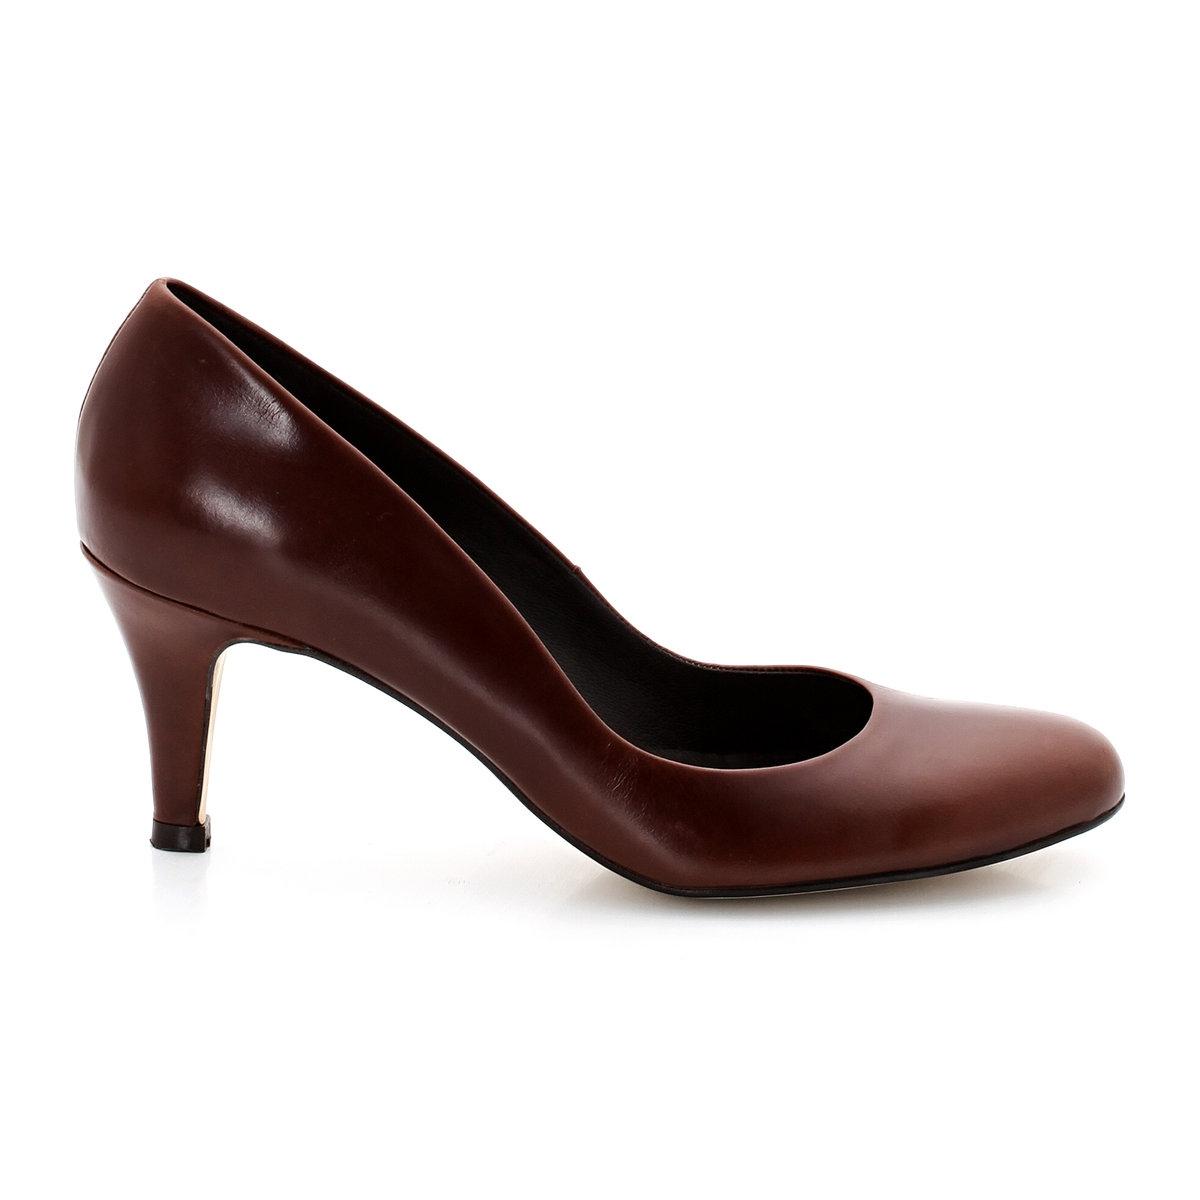 Туфли на каблукеБренд: JONAK. Верх: коровья кожа. Подкладка: кожа. Стелька: кожа. Подошва: эластомер. Высота каблука: 6 см<br><br>Цвет: каштаново-серый<br>Размер: 40